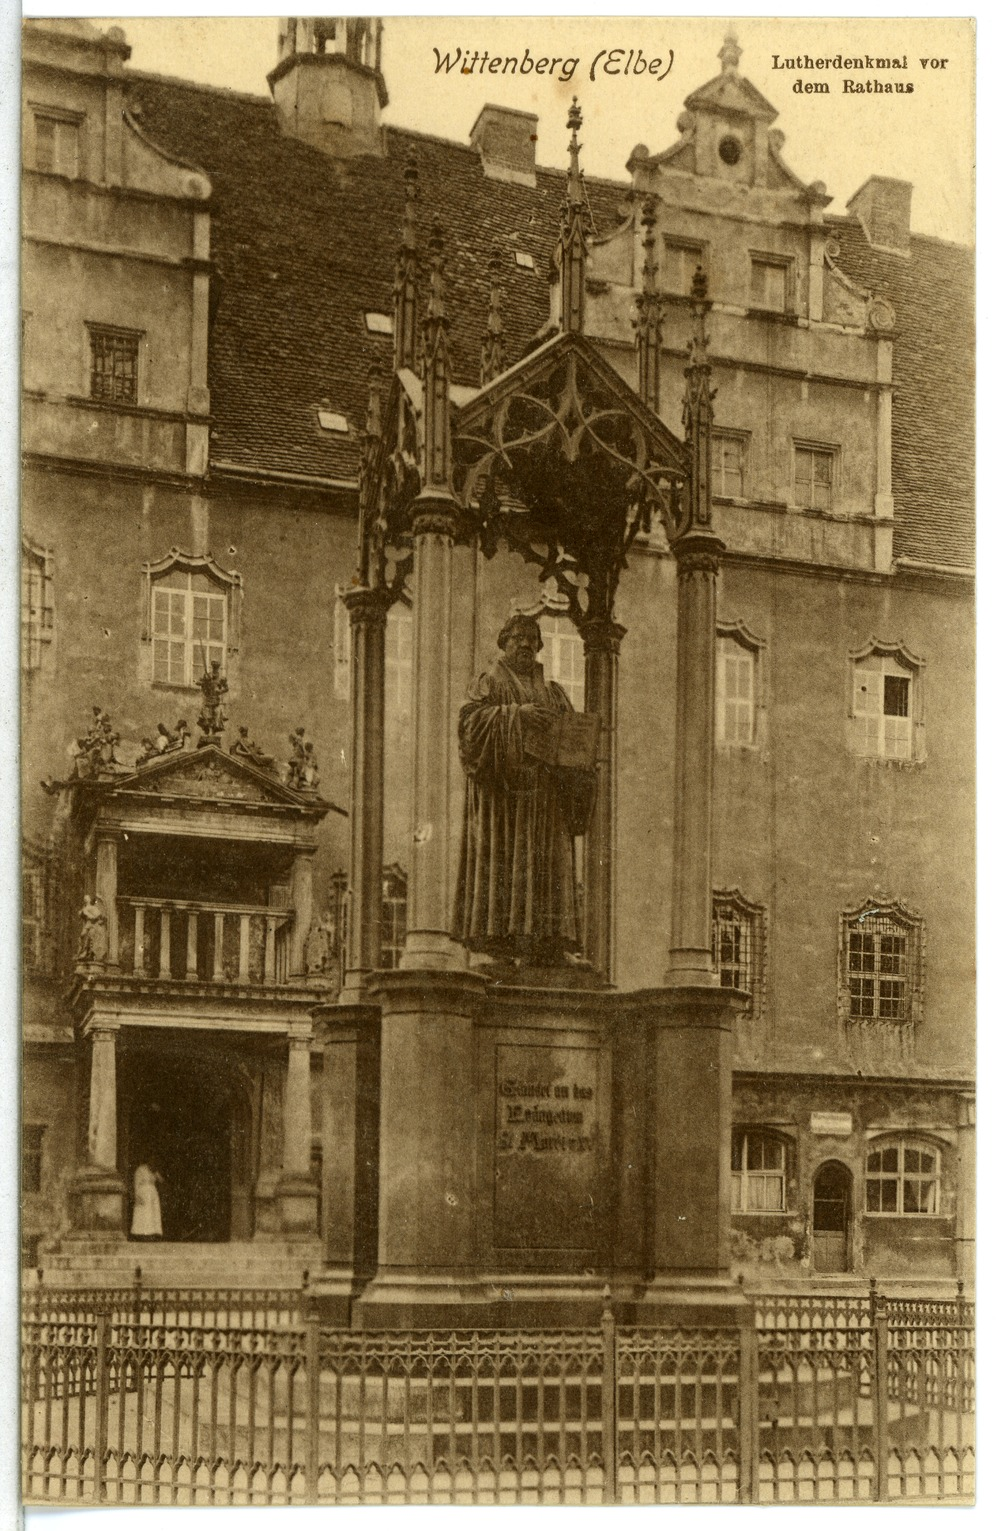 File12982wittenberg1911lutherdenkmalbrück & Sohn